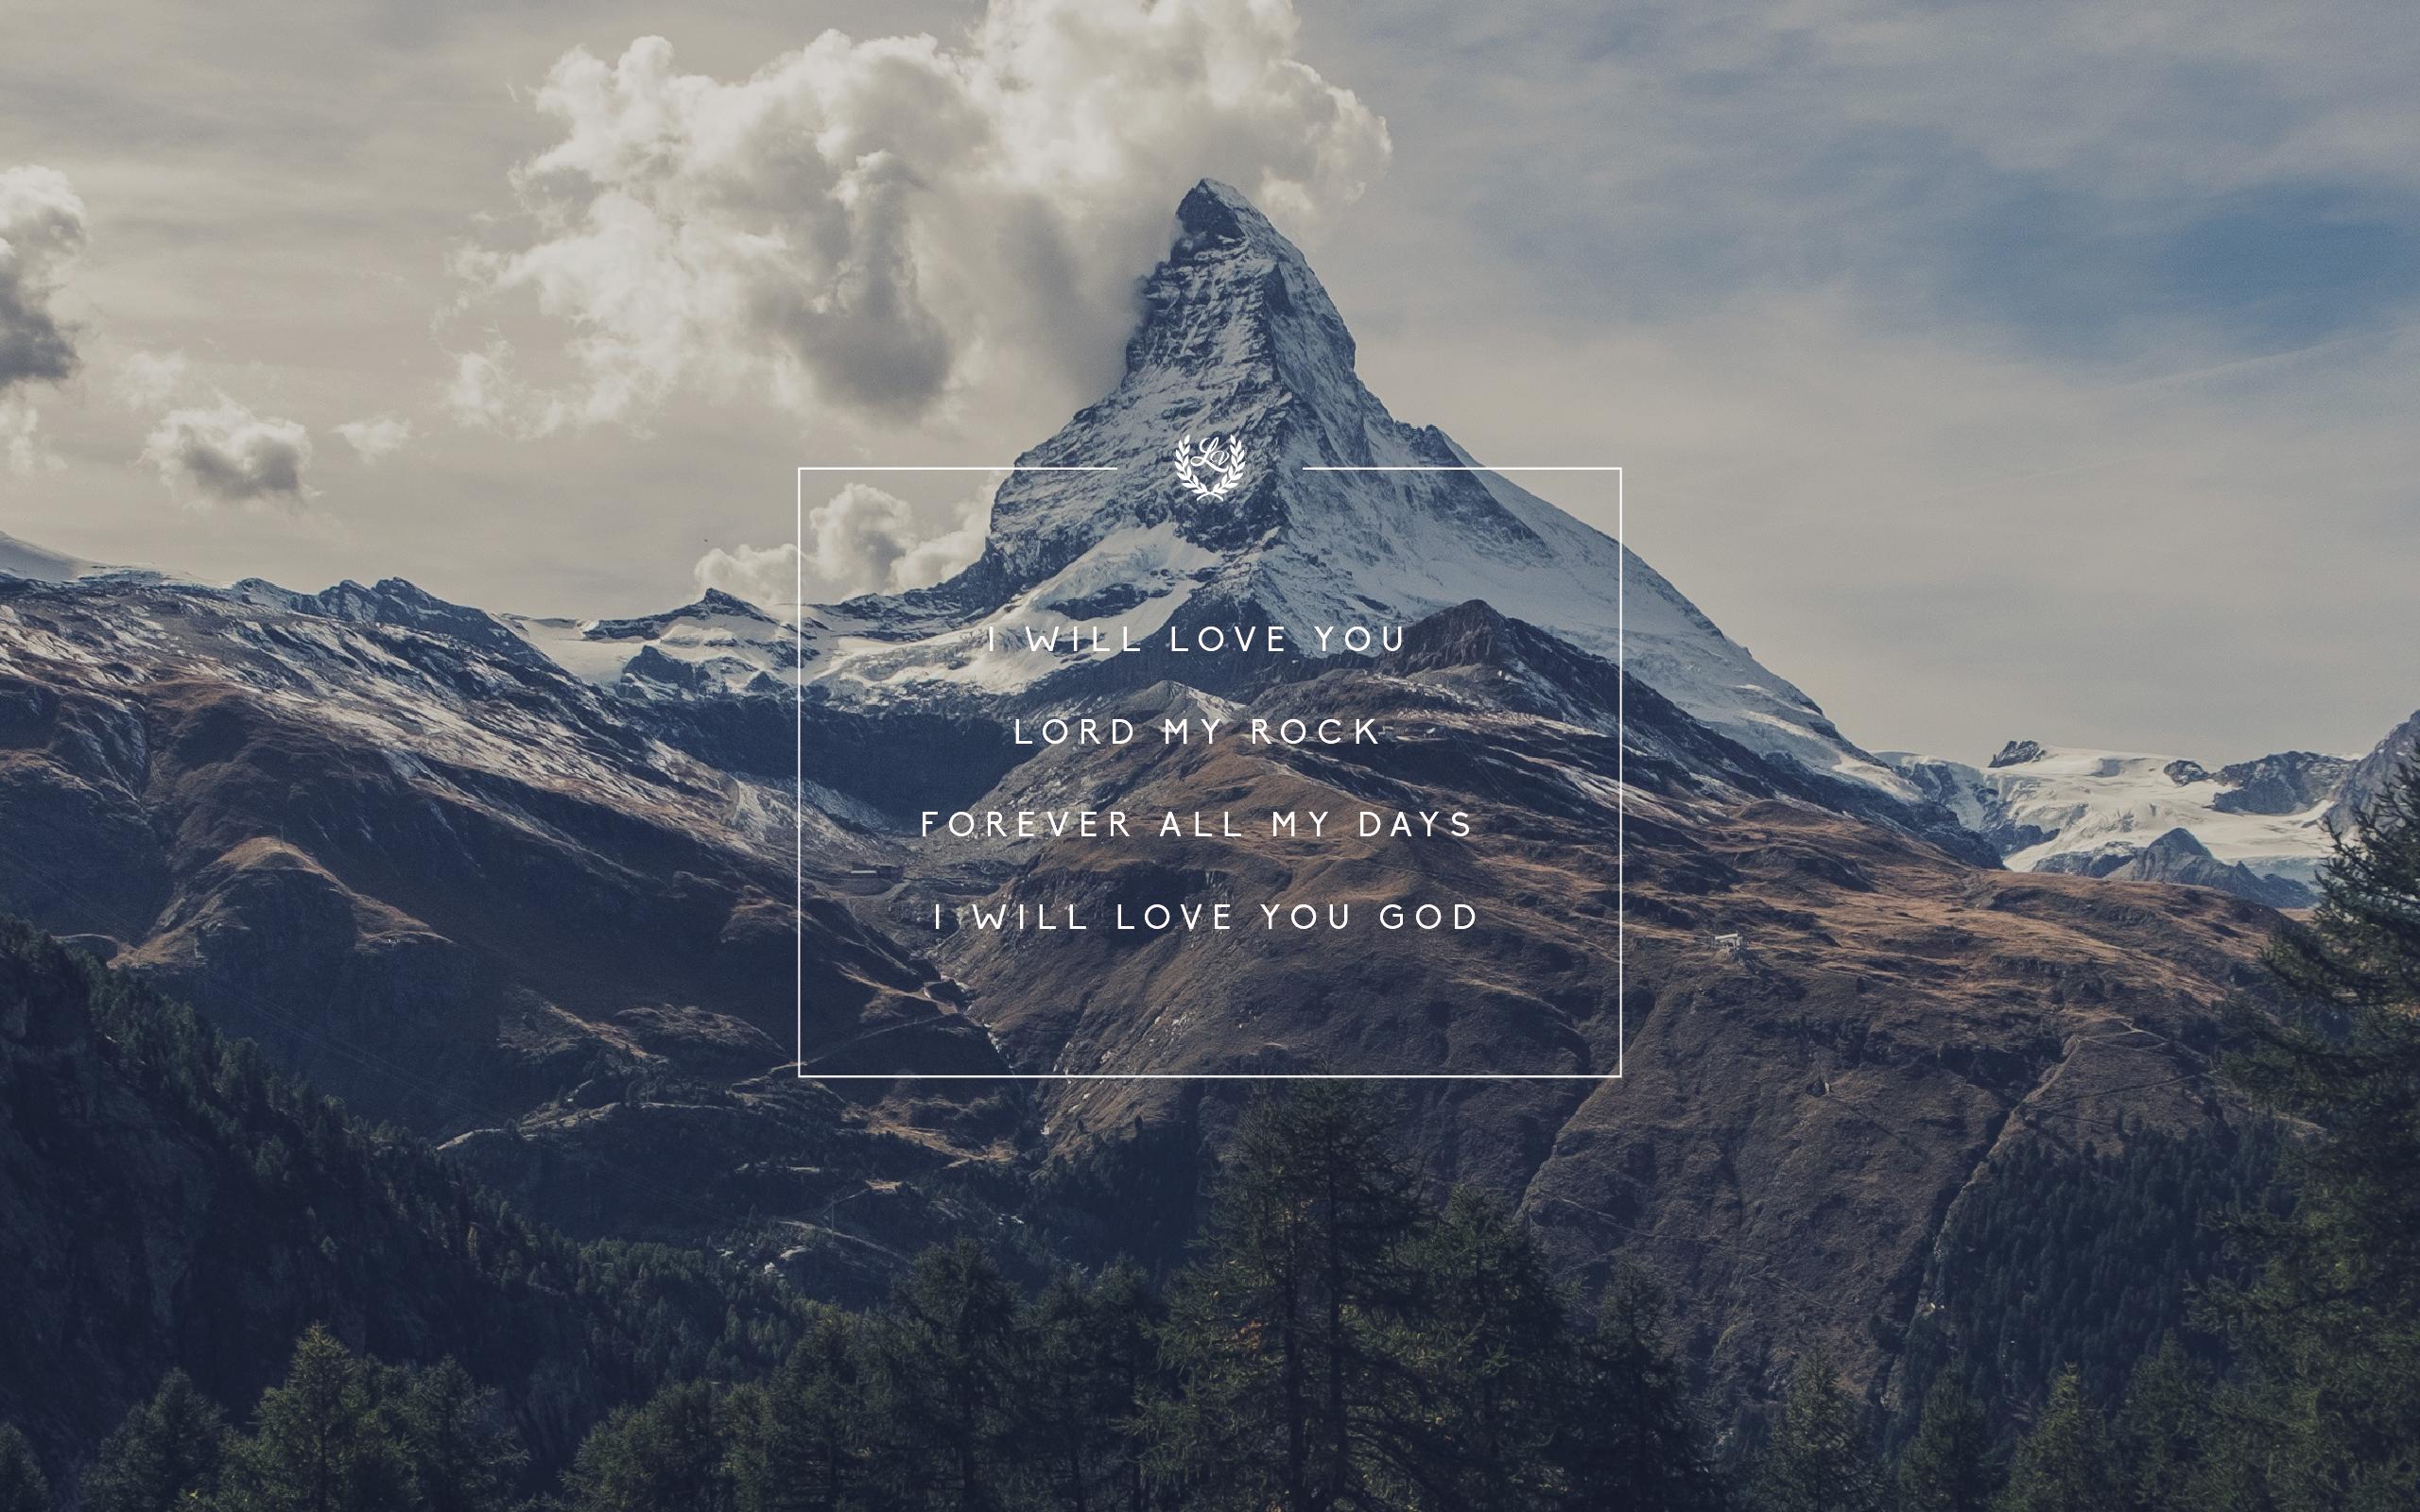 Wallpaper For Laptop Of God